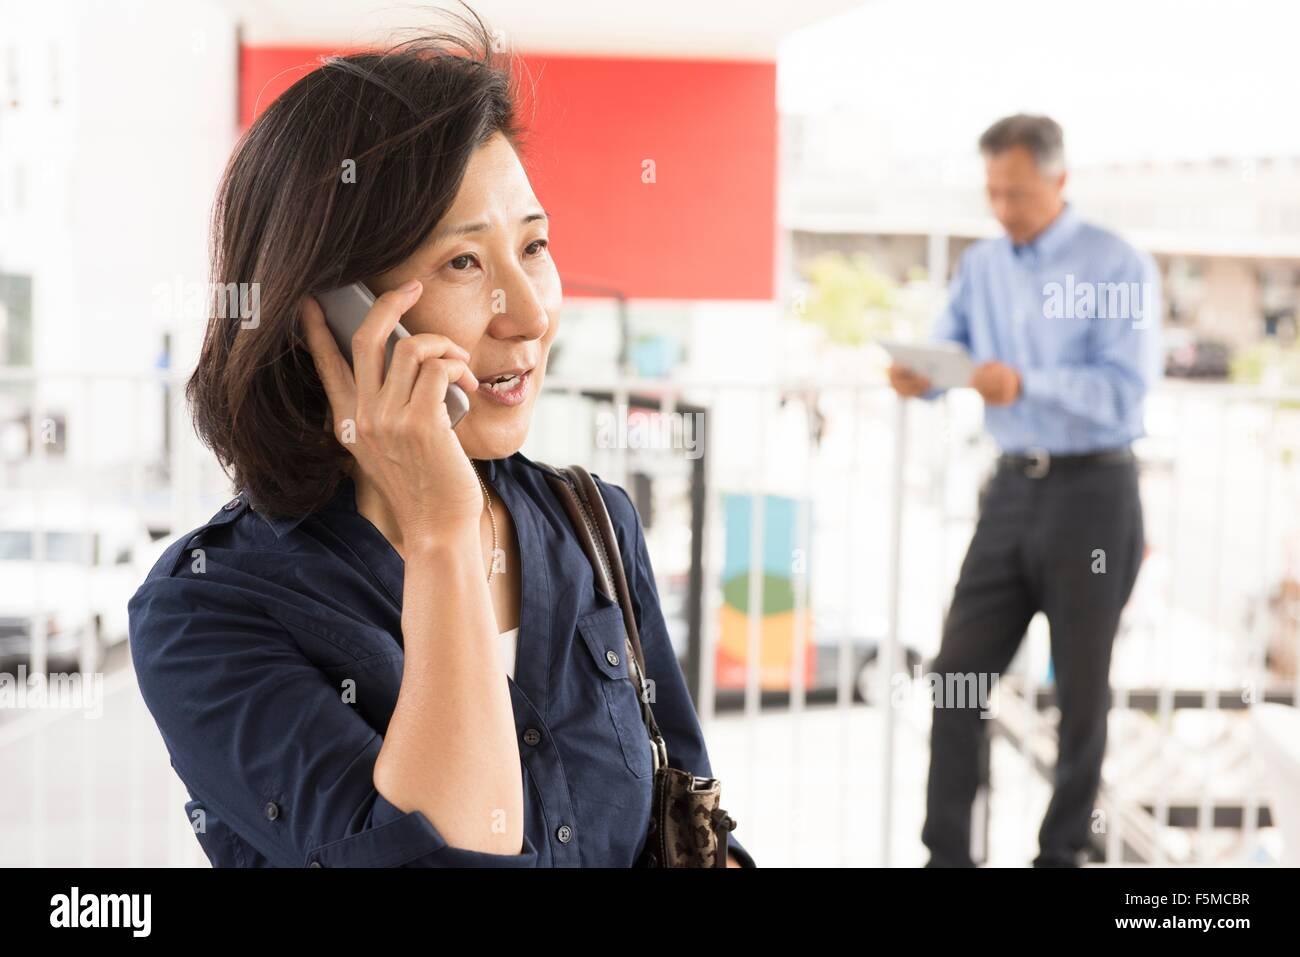 La testa e le spalle della donna matura parlando sullo smartphone che guarda lontano Immagini Stock